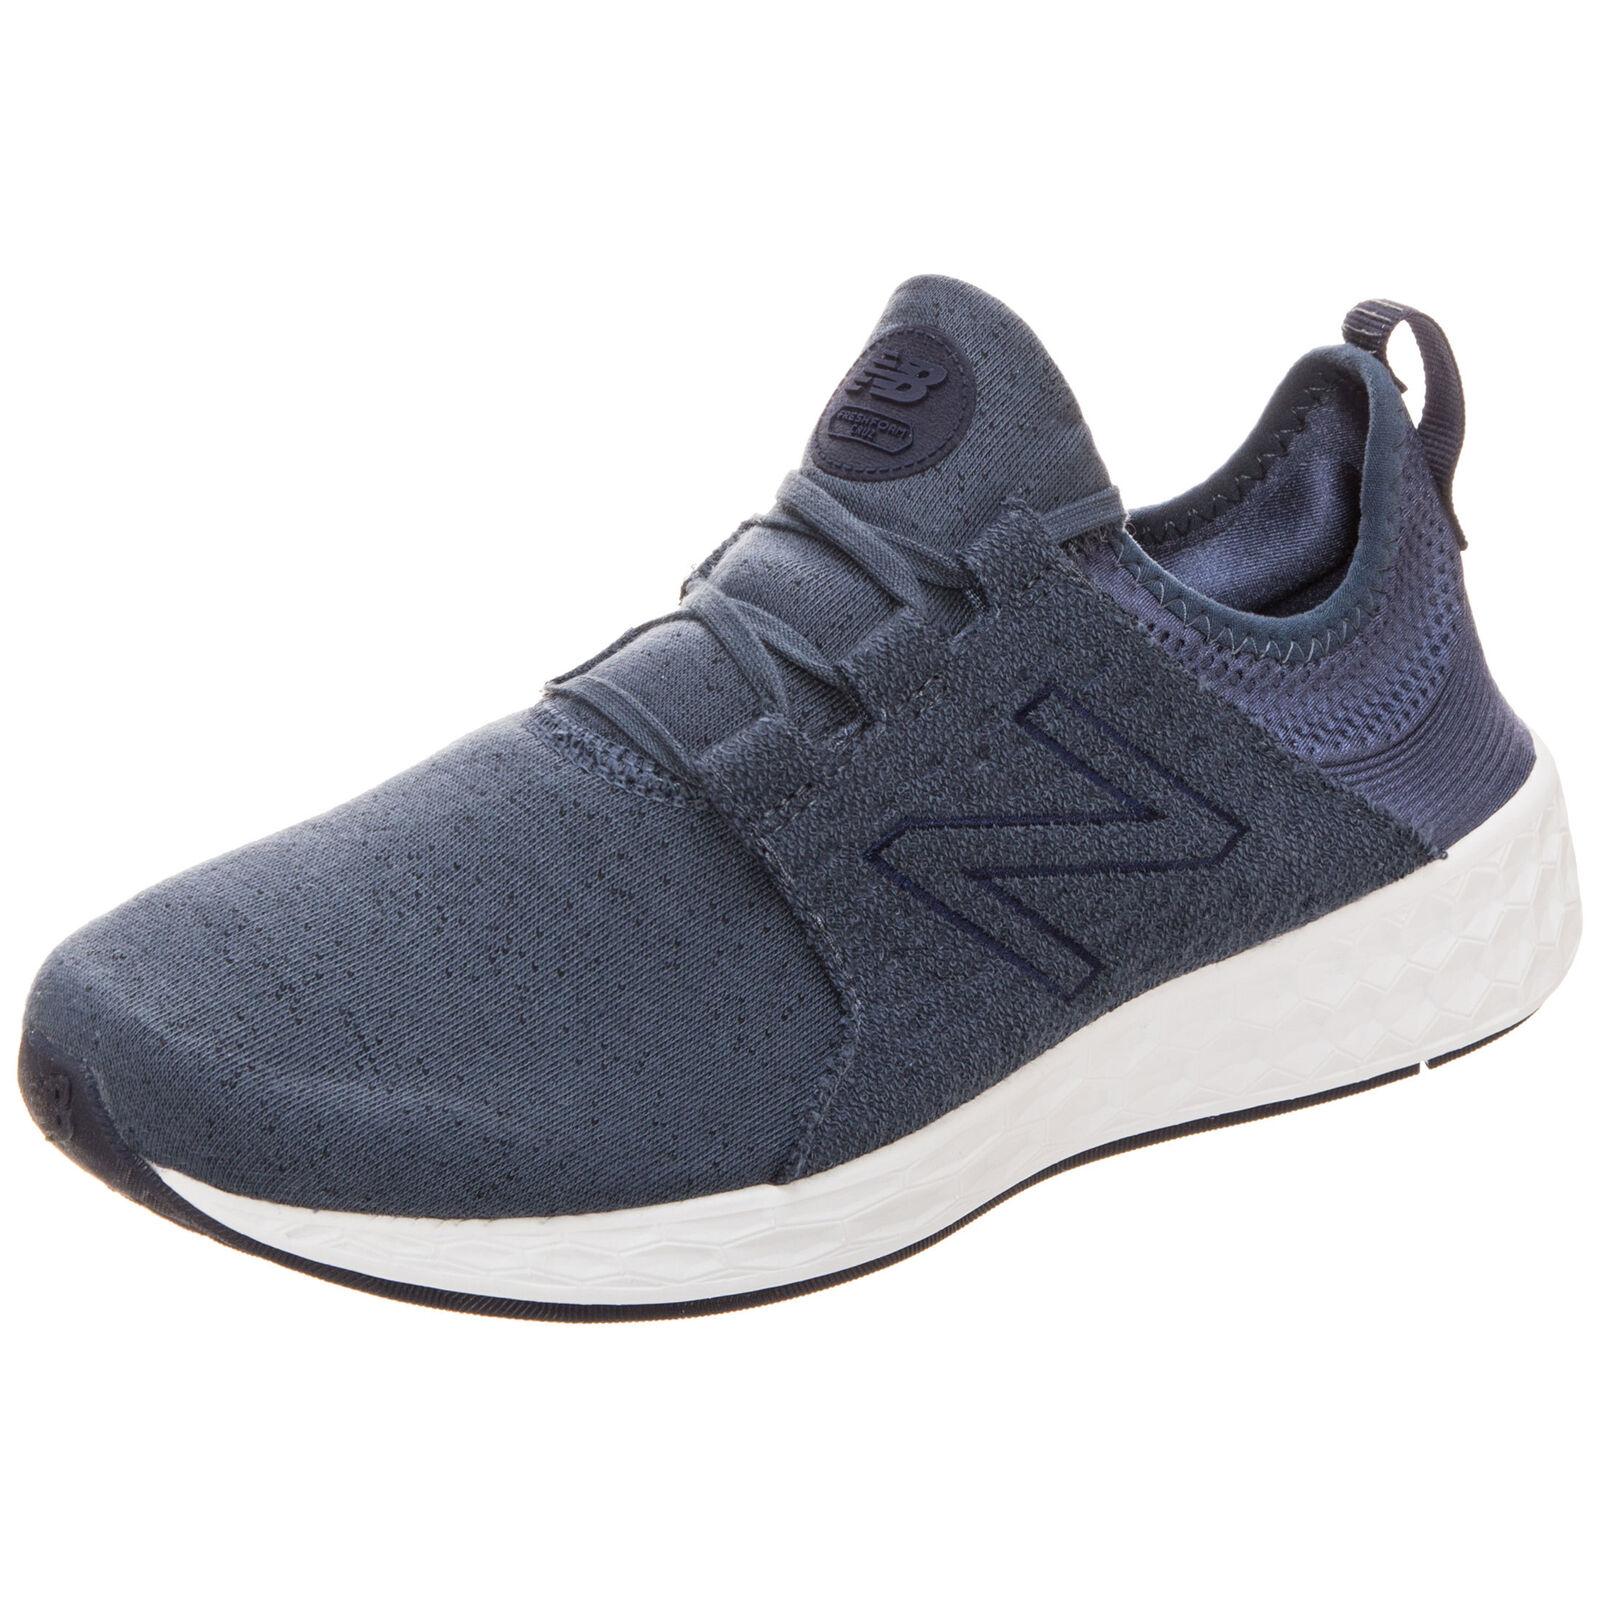 New Balance Fresh Foam Cruz Laufschuh Herren Herren Herren Blau NEU 3e7af8